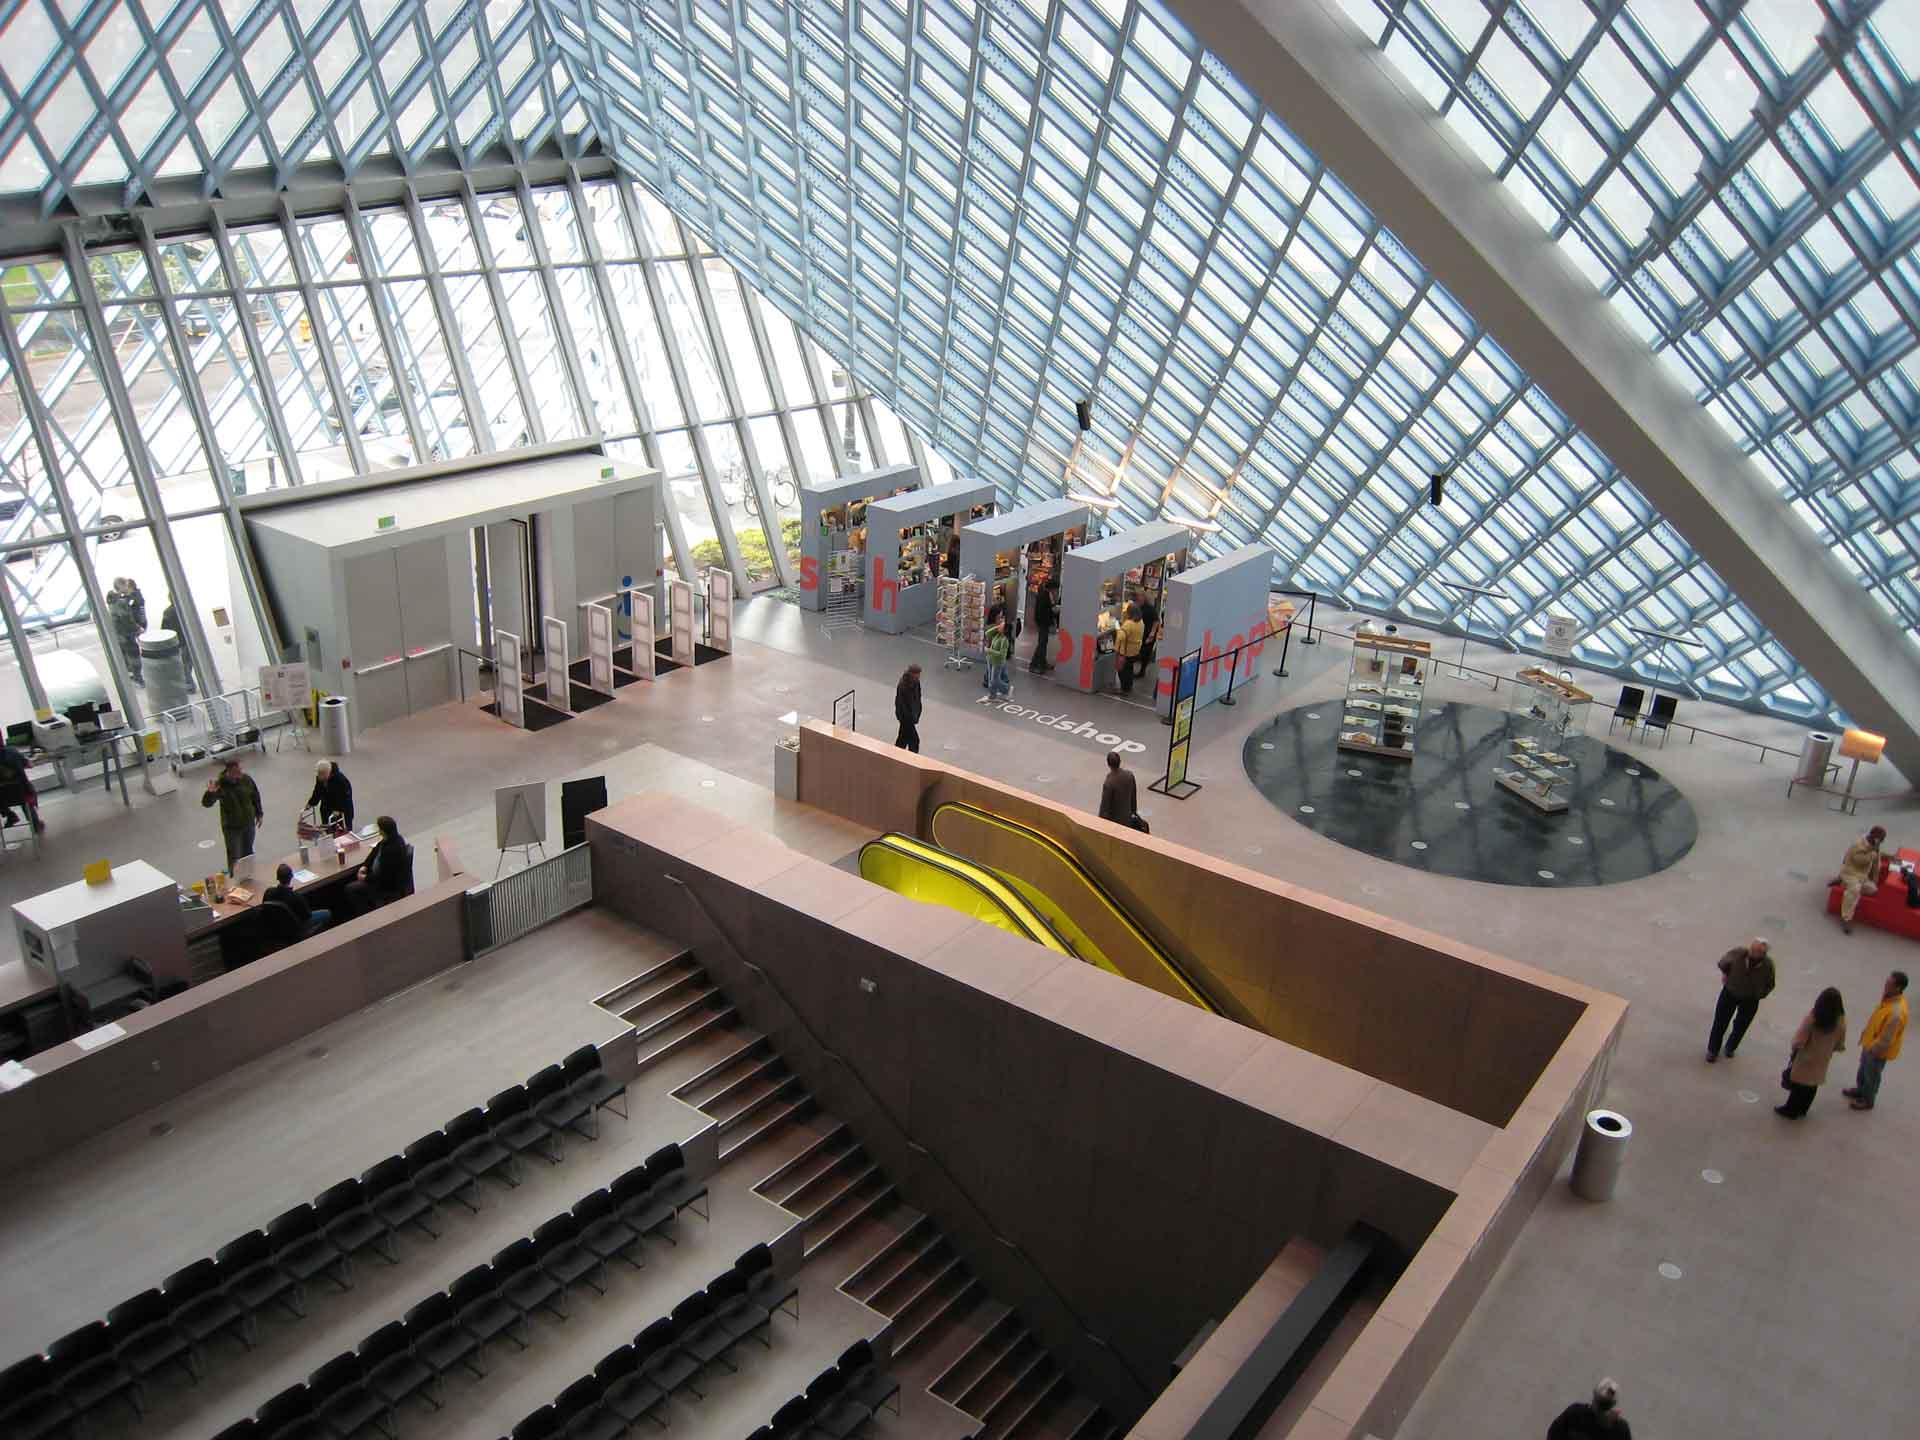 西雅圖中央圖書館主要由玻璃和鋼鐵構築而成,是著名的解構主義建築。